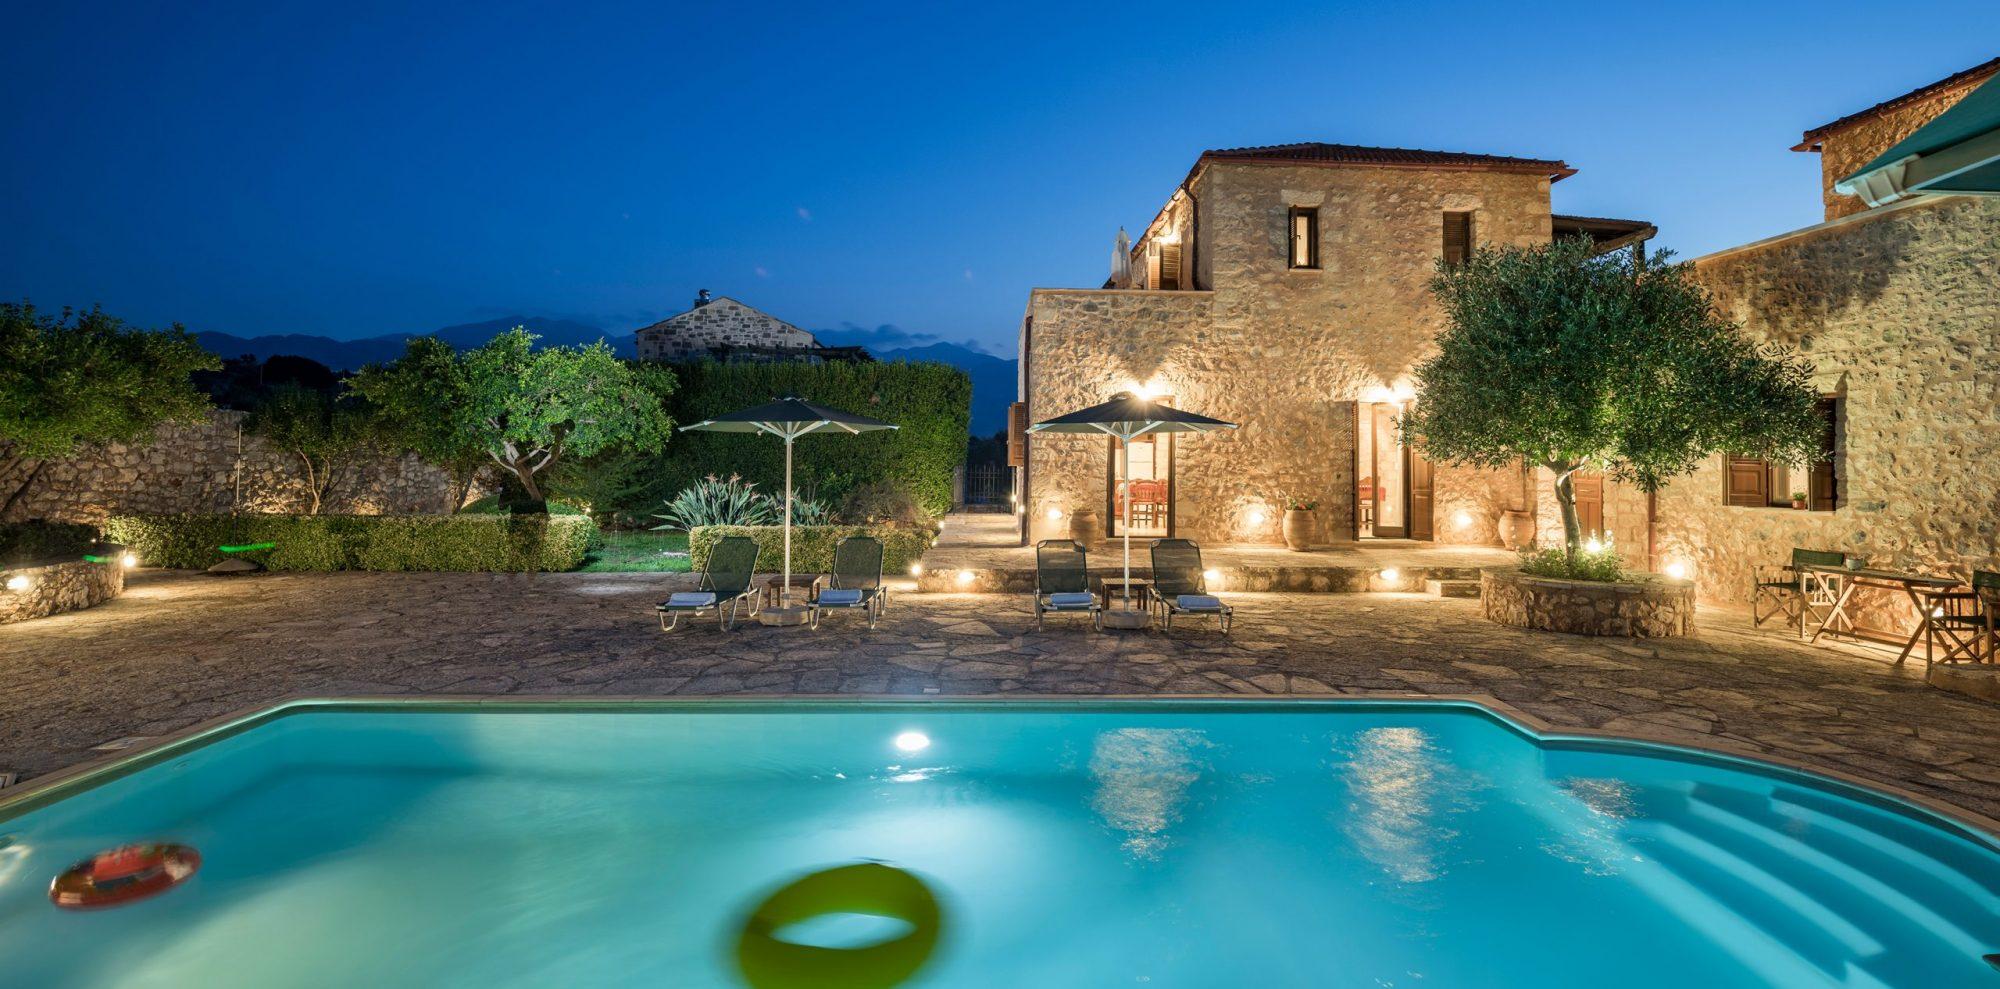 Xatheri Stone Luxury Villas